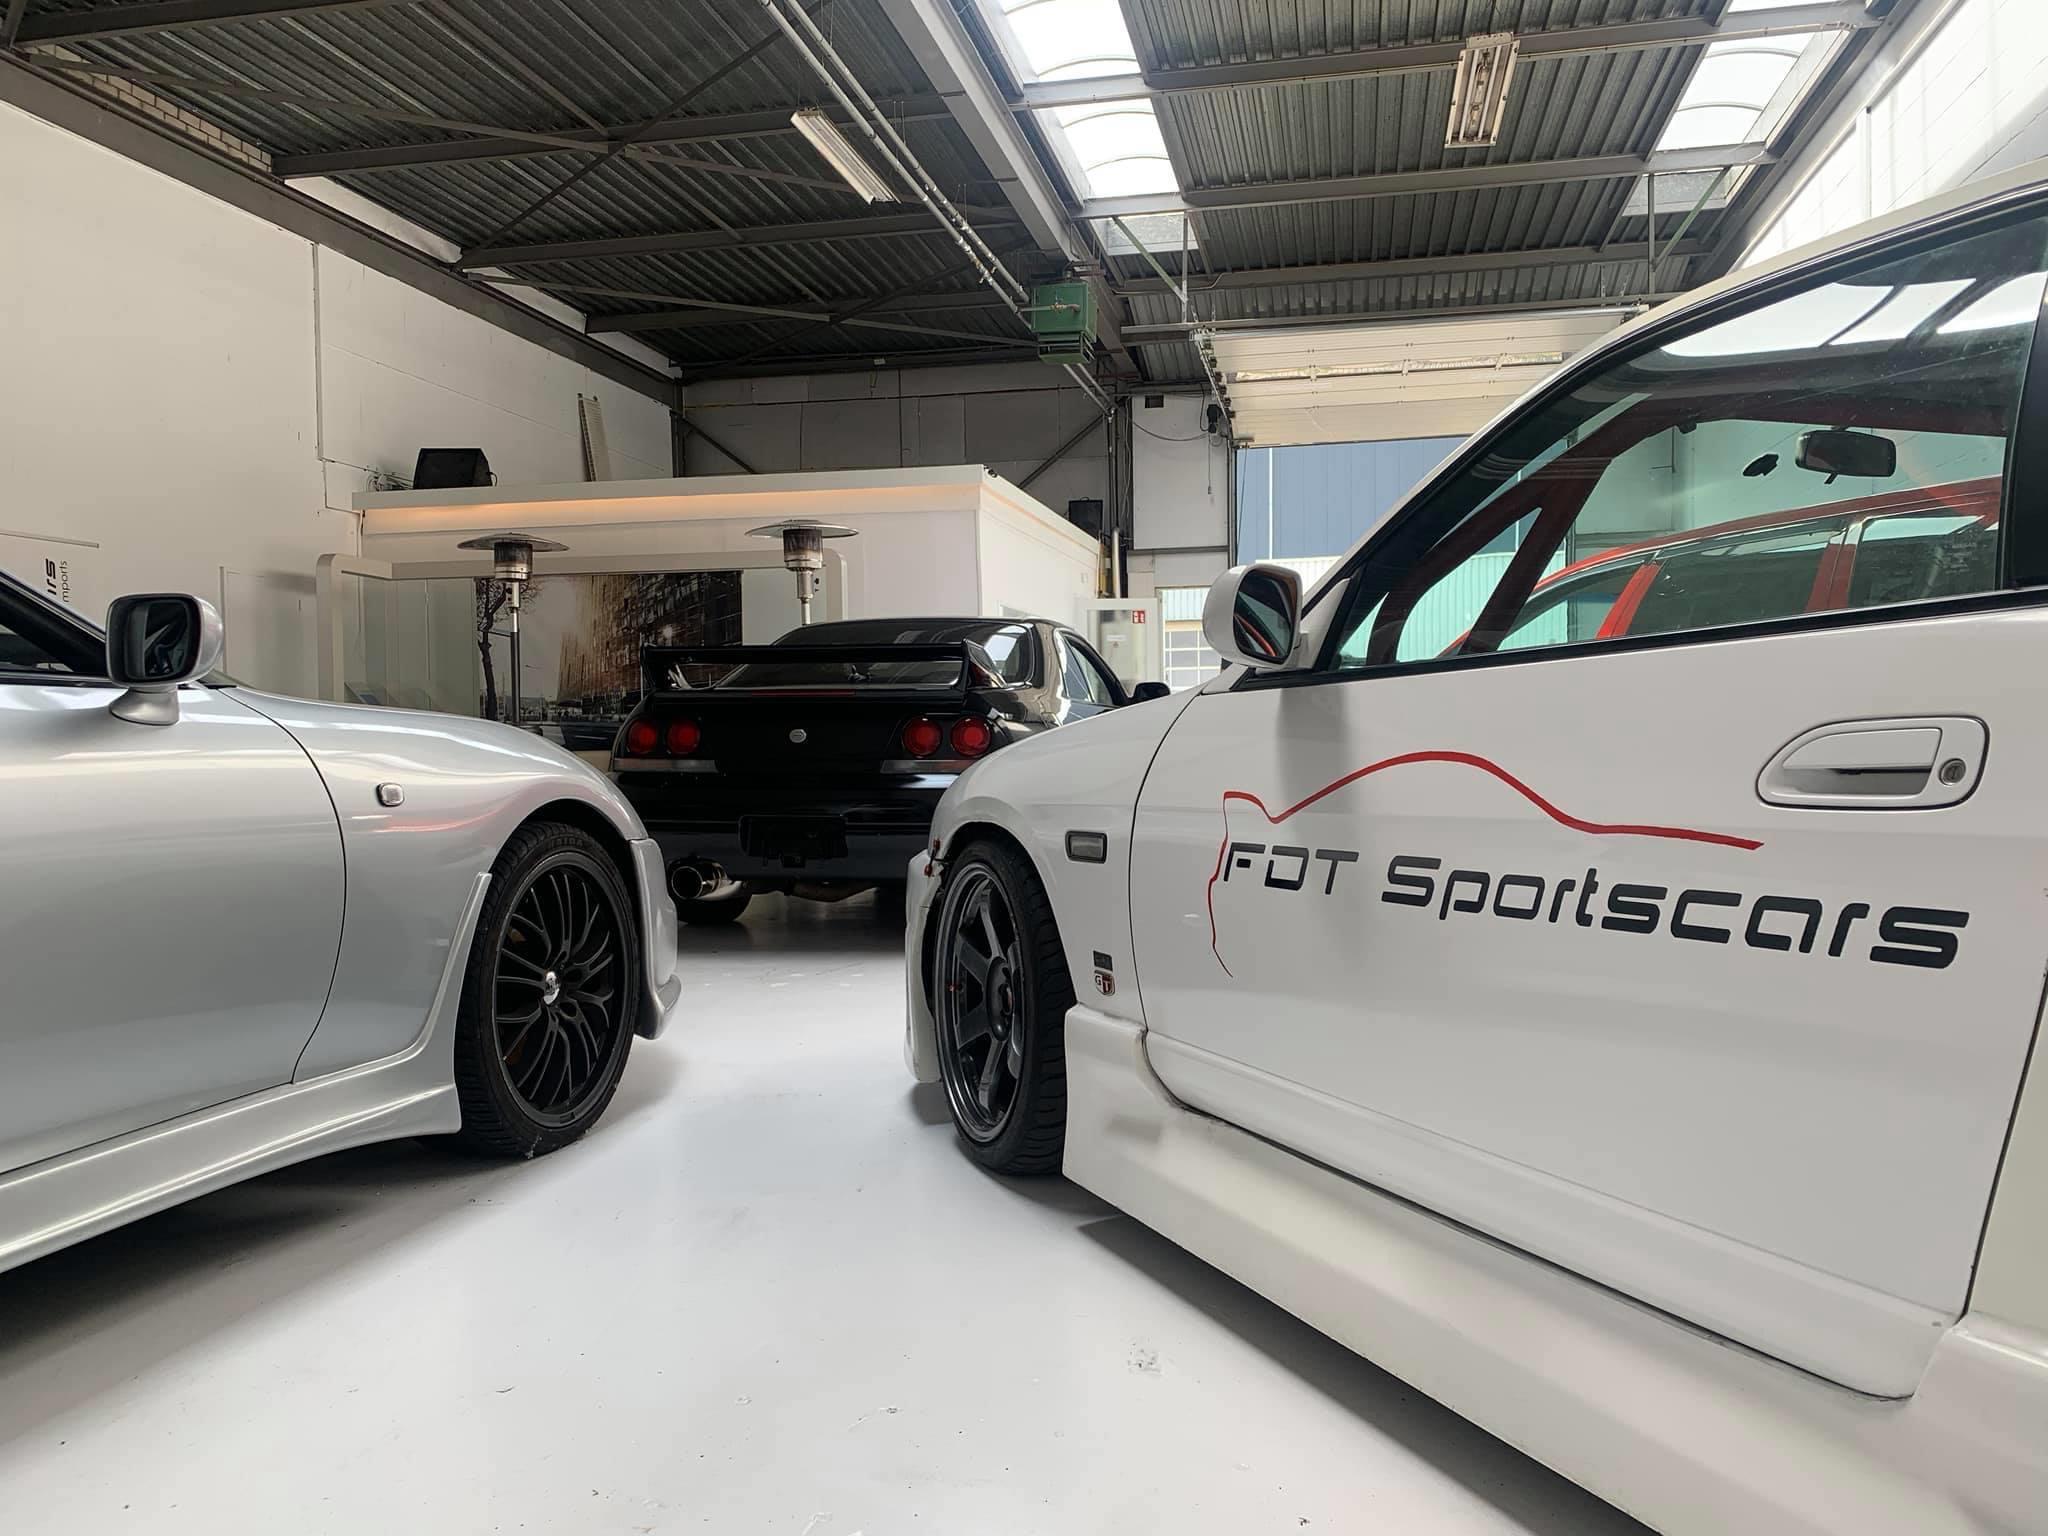 Op bezoek bij FDT Sportcars